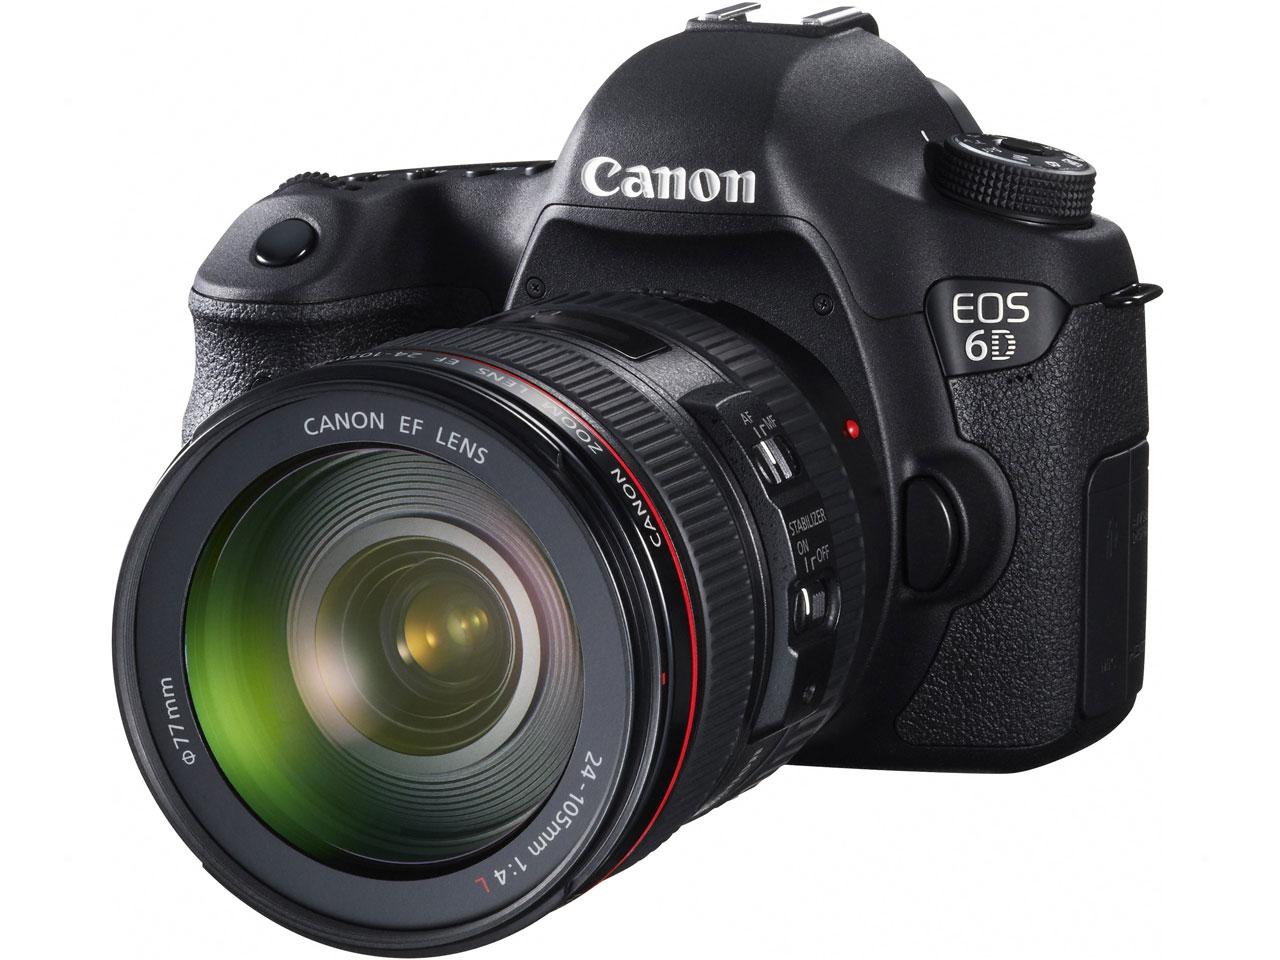 【1/24入荷予定】CANON / キヤノン デジタル一眼レフカメラ EOS 6D EF24-70L IS USM レンズキット 【デジタル一眼カメラ】【送料無料】